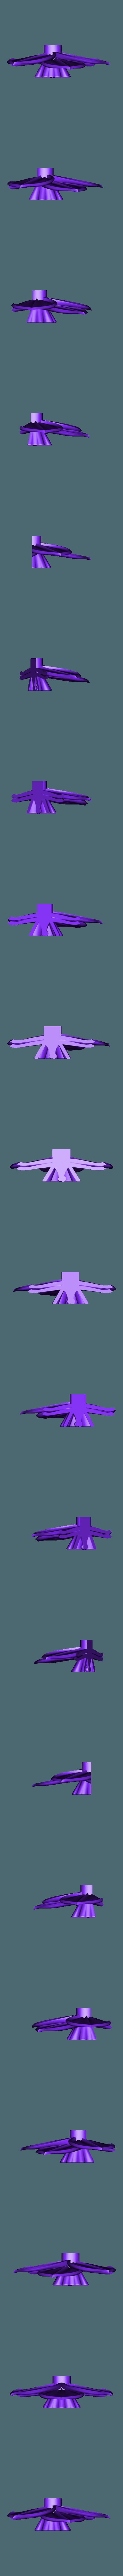 narcissus_type_c_flower_right.stl Télécharger fichier STL gratuit Narcisses de printemps • Design imprimable en 3D, tone001